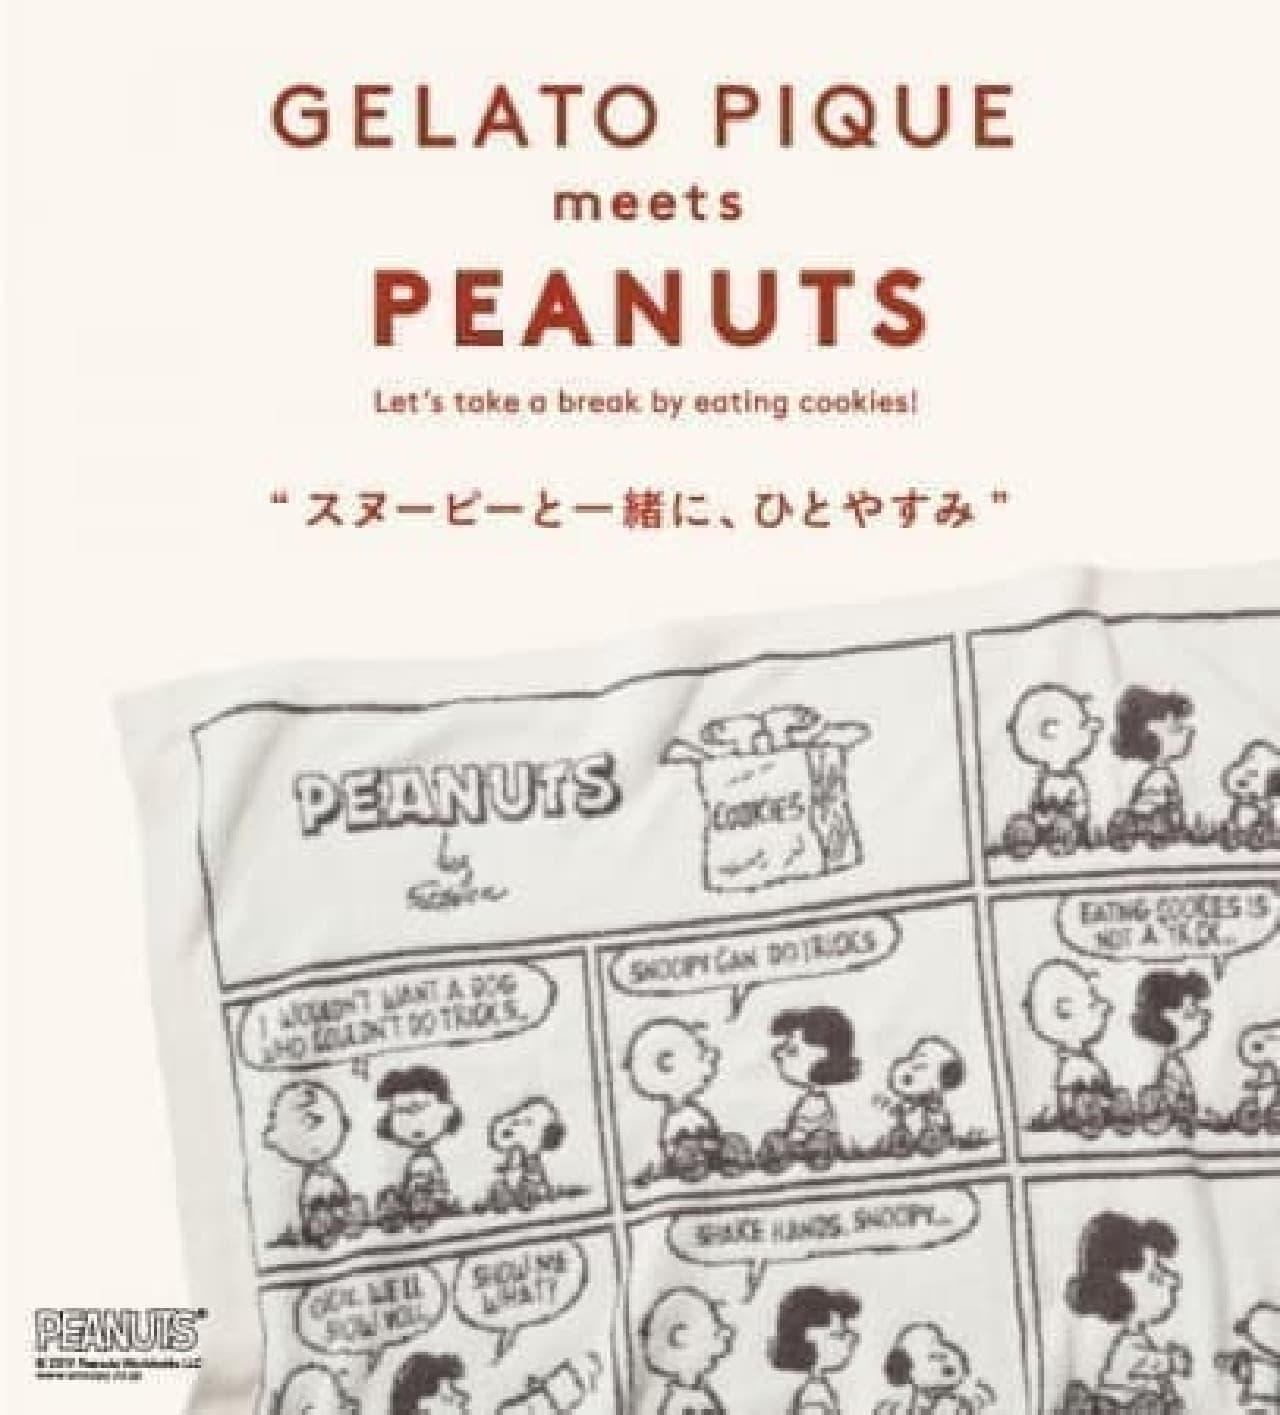 ジェラート ピケがPEANUTSとコラボ--可愛いスヌーピーのルームウェアやぬいぐるみなど